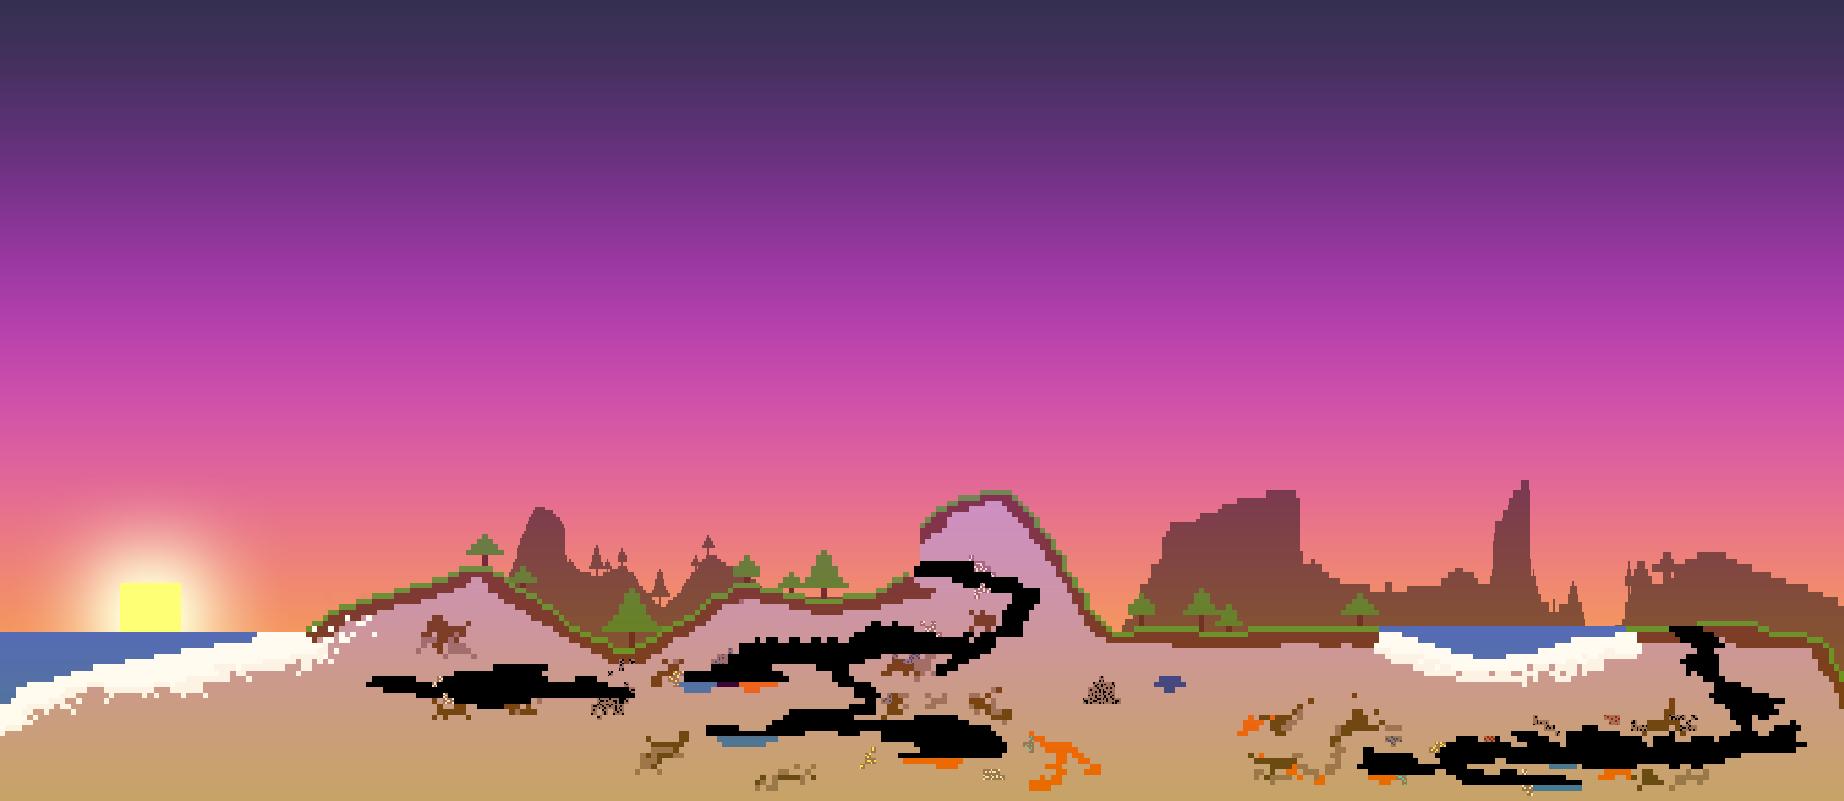 Minecraft Landscape Pixel art by Billy619 on DeviantArt